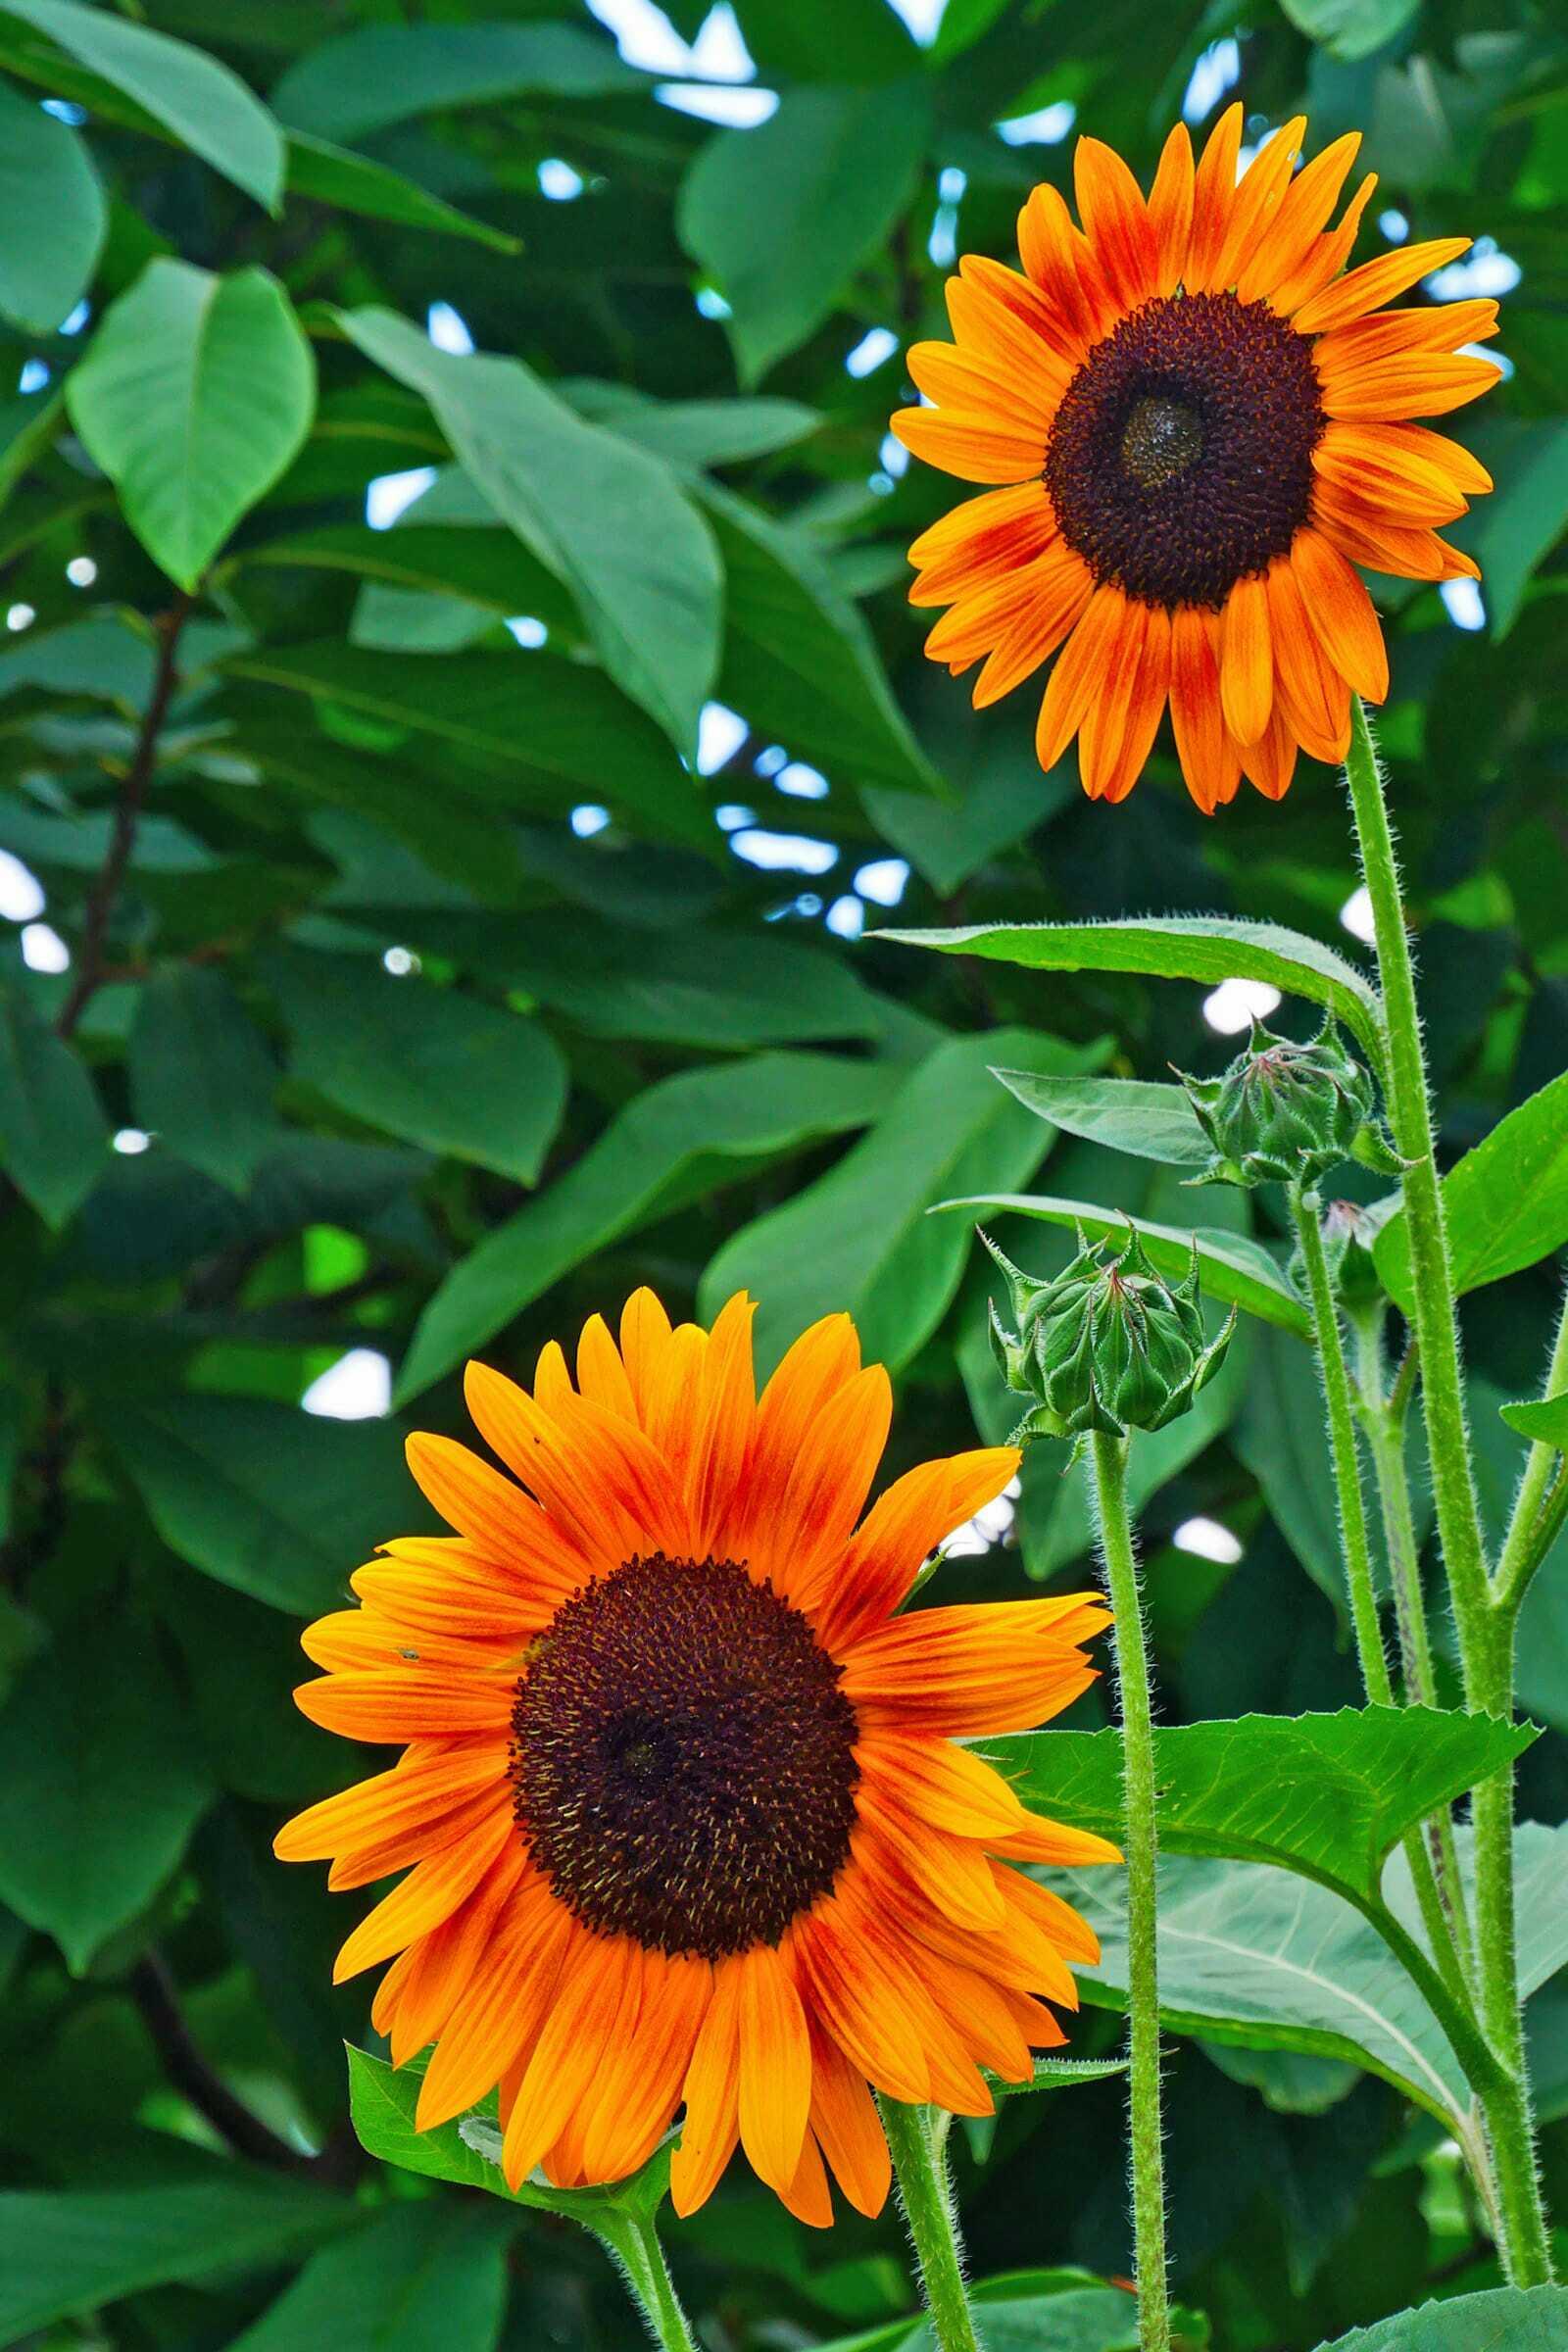 Gambar Indah Alam Bunga Matahari Tanaman Berbunga Menanam Kuning Daun Bunga Botani Asterales Keluarga Daisy Bunga Liar Tanaman Tahunan Hitam Bermata Susan Makanan Vegetarian Perkebunan Biji Bunga Matahari Masakan Tanaman Abadi